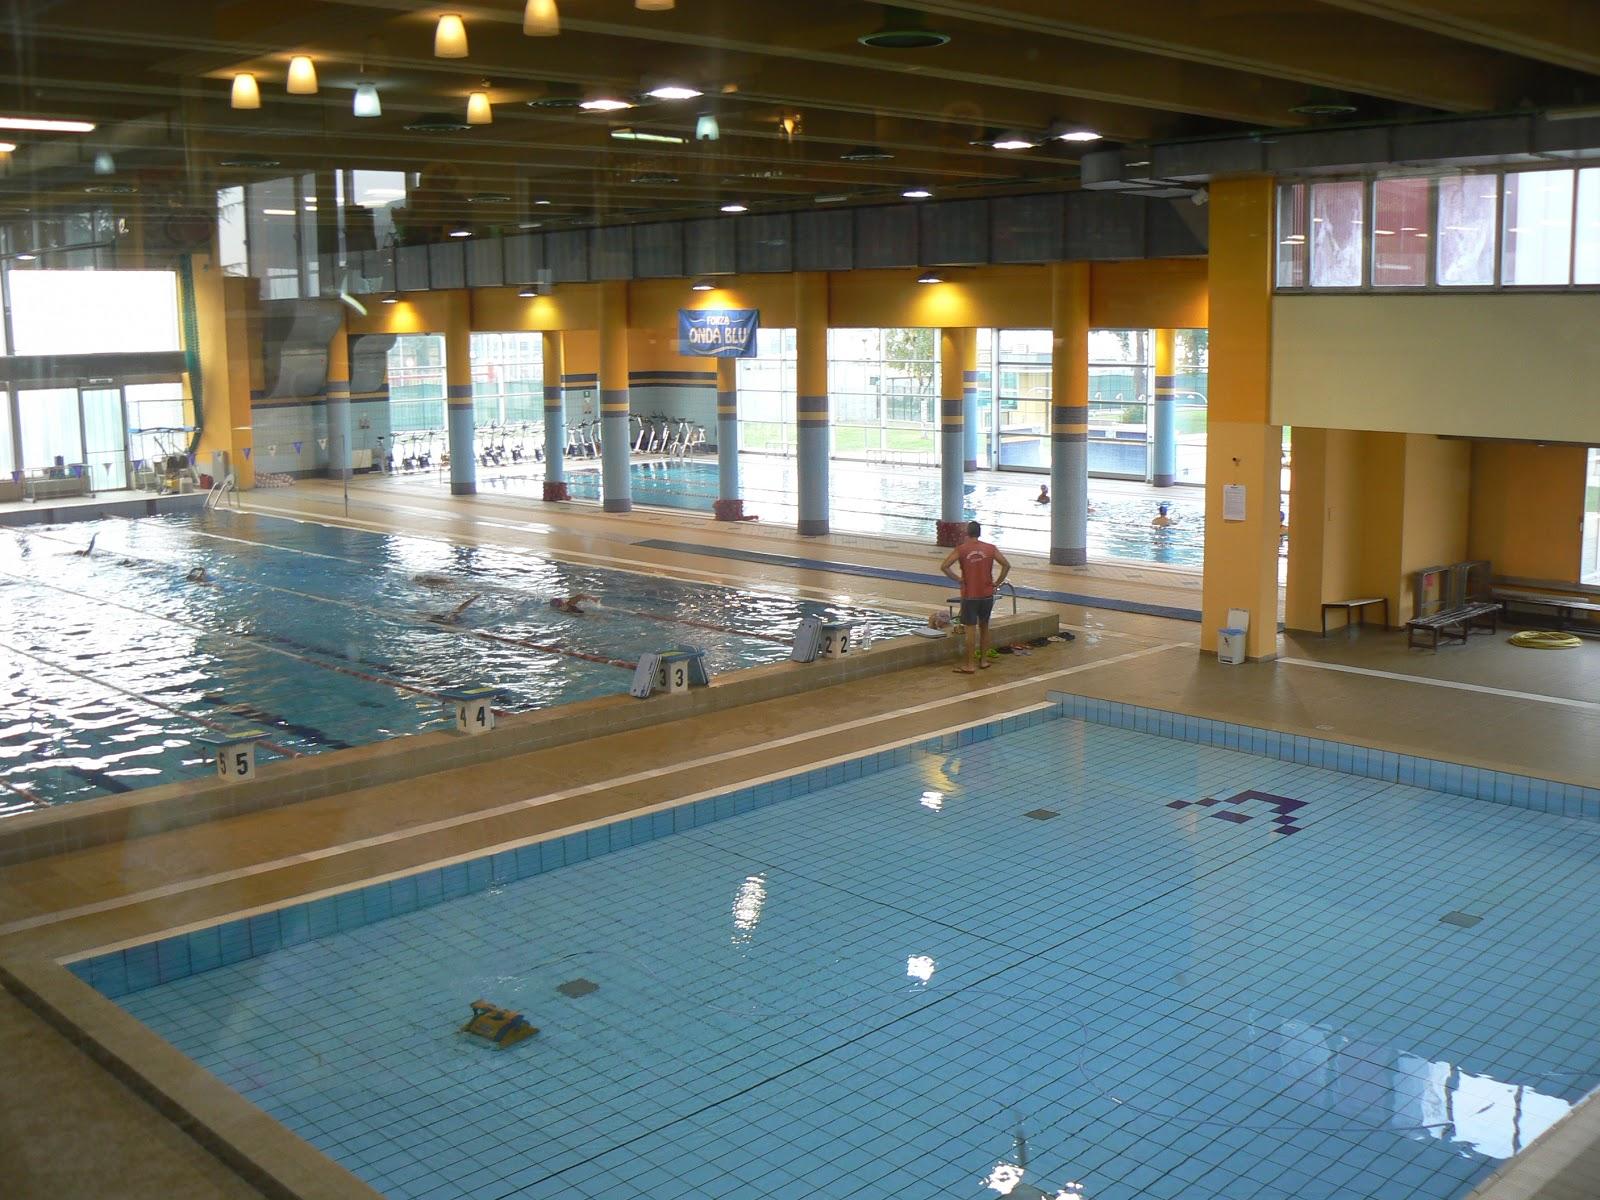 Piscina comunale di dalmine bergamo ener plus - Alzano lombardo piscina ...